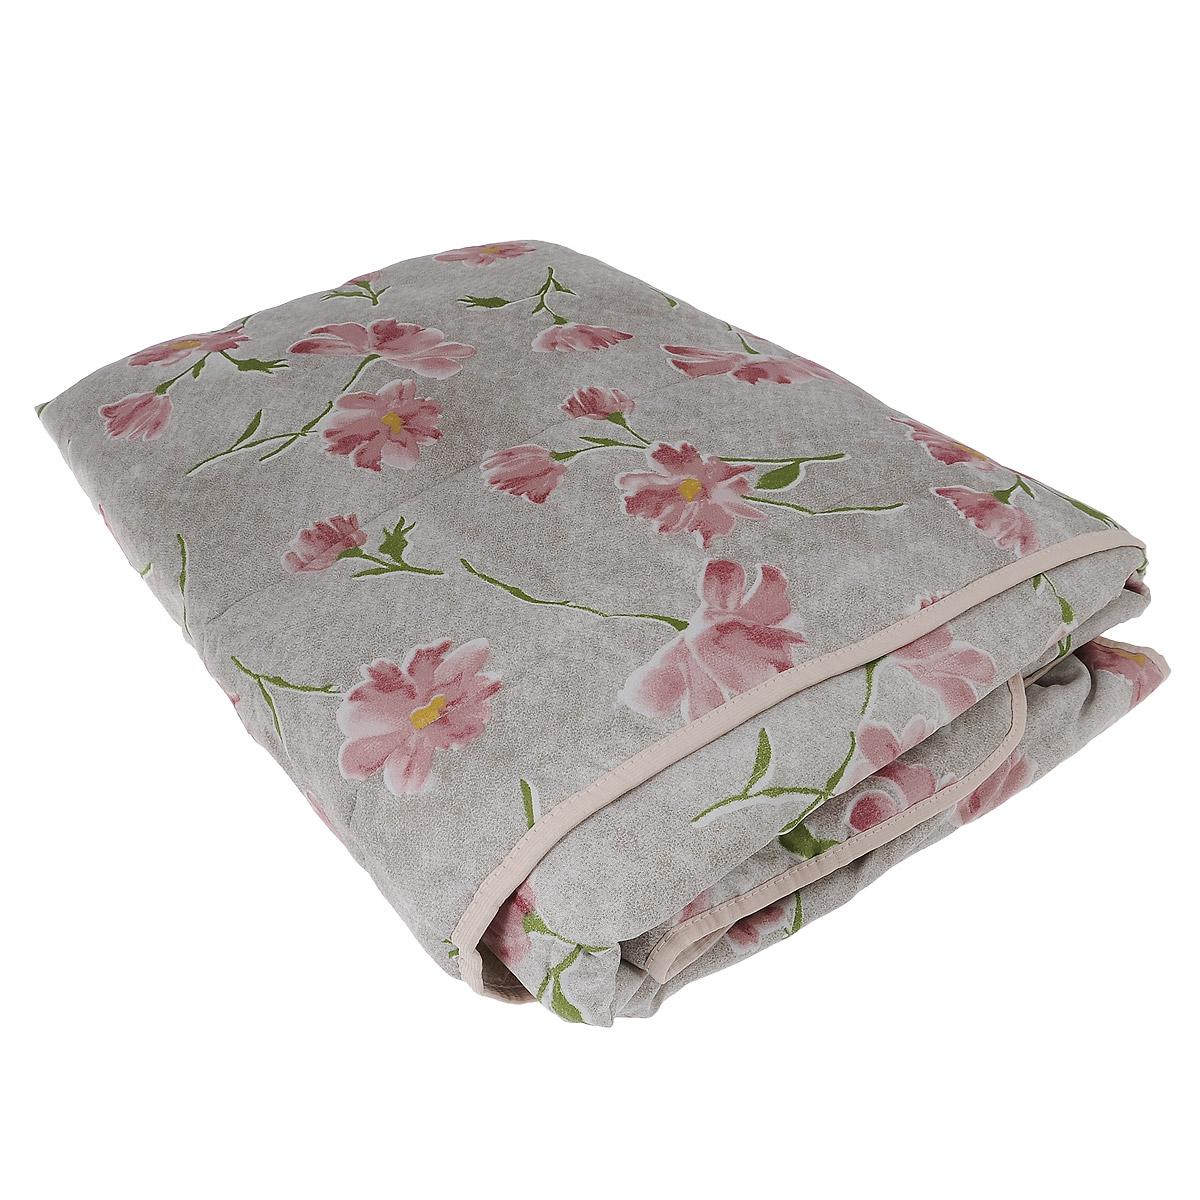 Одеяло летнее OL-Tex Miotex, наполнитель: полиэфирное волокно Holfiteks, цвет: серый, розовый, 172 х 205 смМХПЭ-18-1_серый, макиЛегкое летнее одеяло OL-Tex Miotex создаст комфорт и уют во время сна. Чехол выполнен из полиэстера и оформлен красочным рисунком. Внутри - современный наполнитель из полиэфирного высокосиликонизированного волокна Holfiteks, упругий и качественный. Прекрасно держит тепло. Одеяло с наполнителем Holfiteks легкое и комфортное. Даже после многократных стирок не теряет свою форму, наполнитель не сбивается, так как одеяло простегано и окантовано. Не вызывает аллергии. Holfiteks - это возможность легко ухаживать за своими постельными принадлежностями. Можно стирать в машинке, изделия быстро и полностью высыхают - это обеспечивает гигиену спального места при невысокой цене на продукцию.Плотность: 100 г/м2.